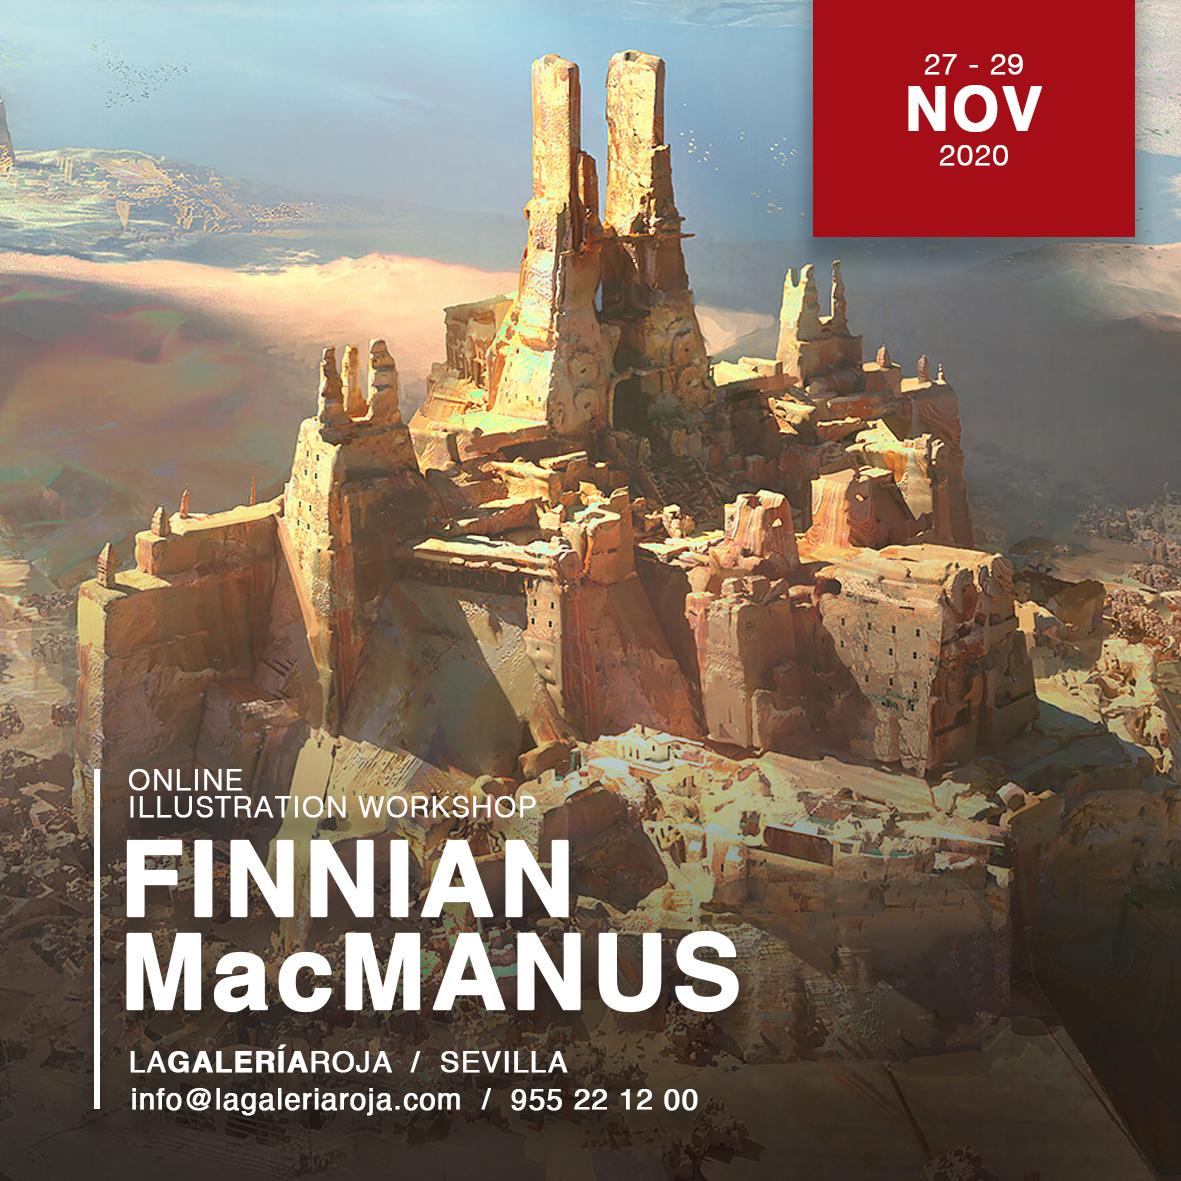 FINNIAN MACMANUS